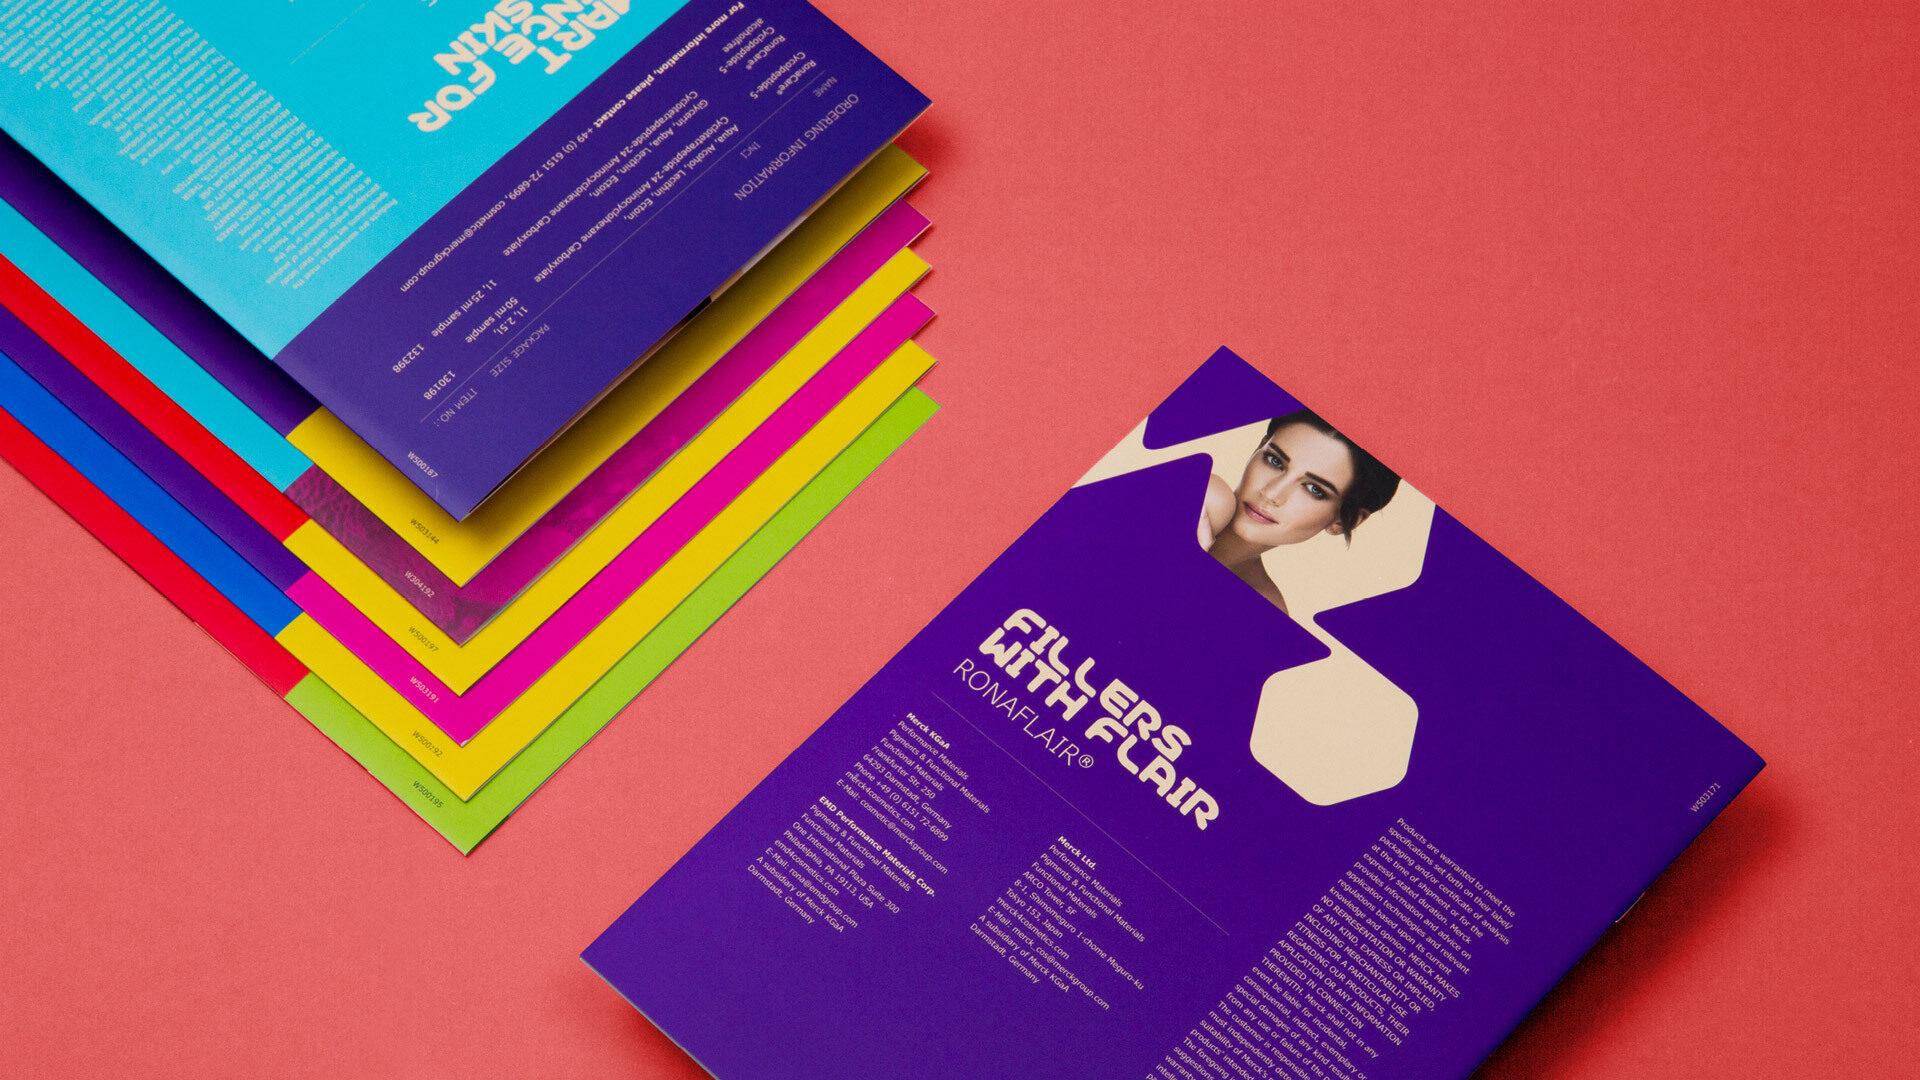 Rückseite einer violetten Broschüre und ein Stapel weiterer bunter Broschüren vor rotem Hintergrund